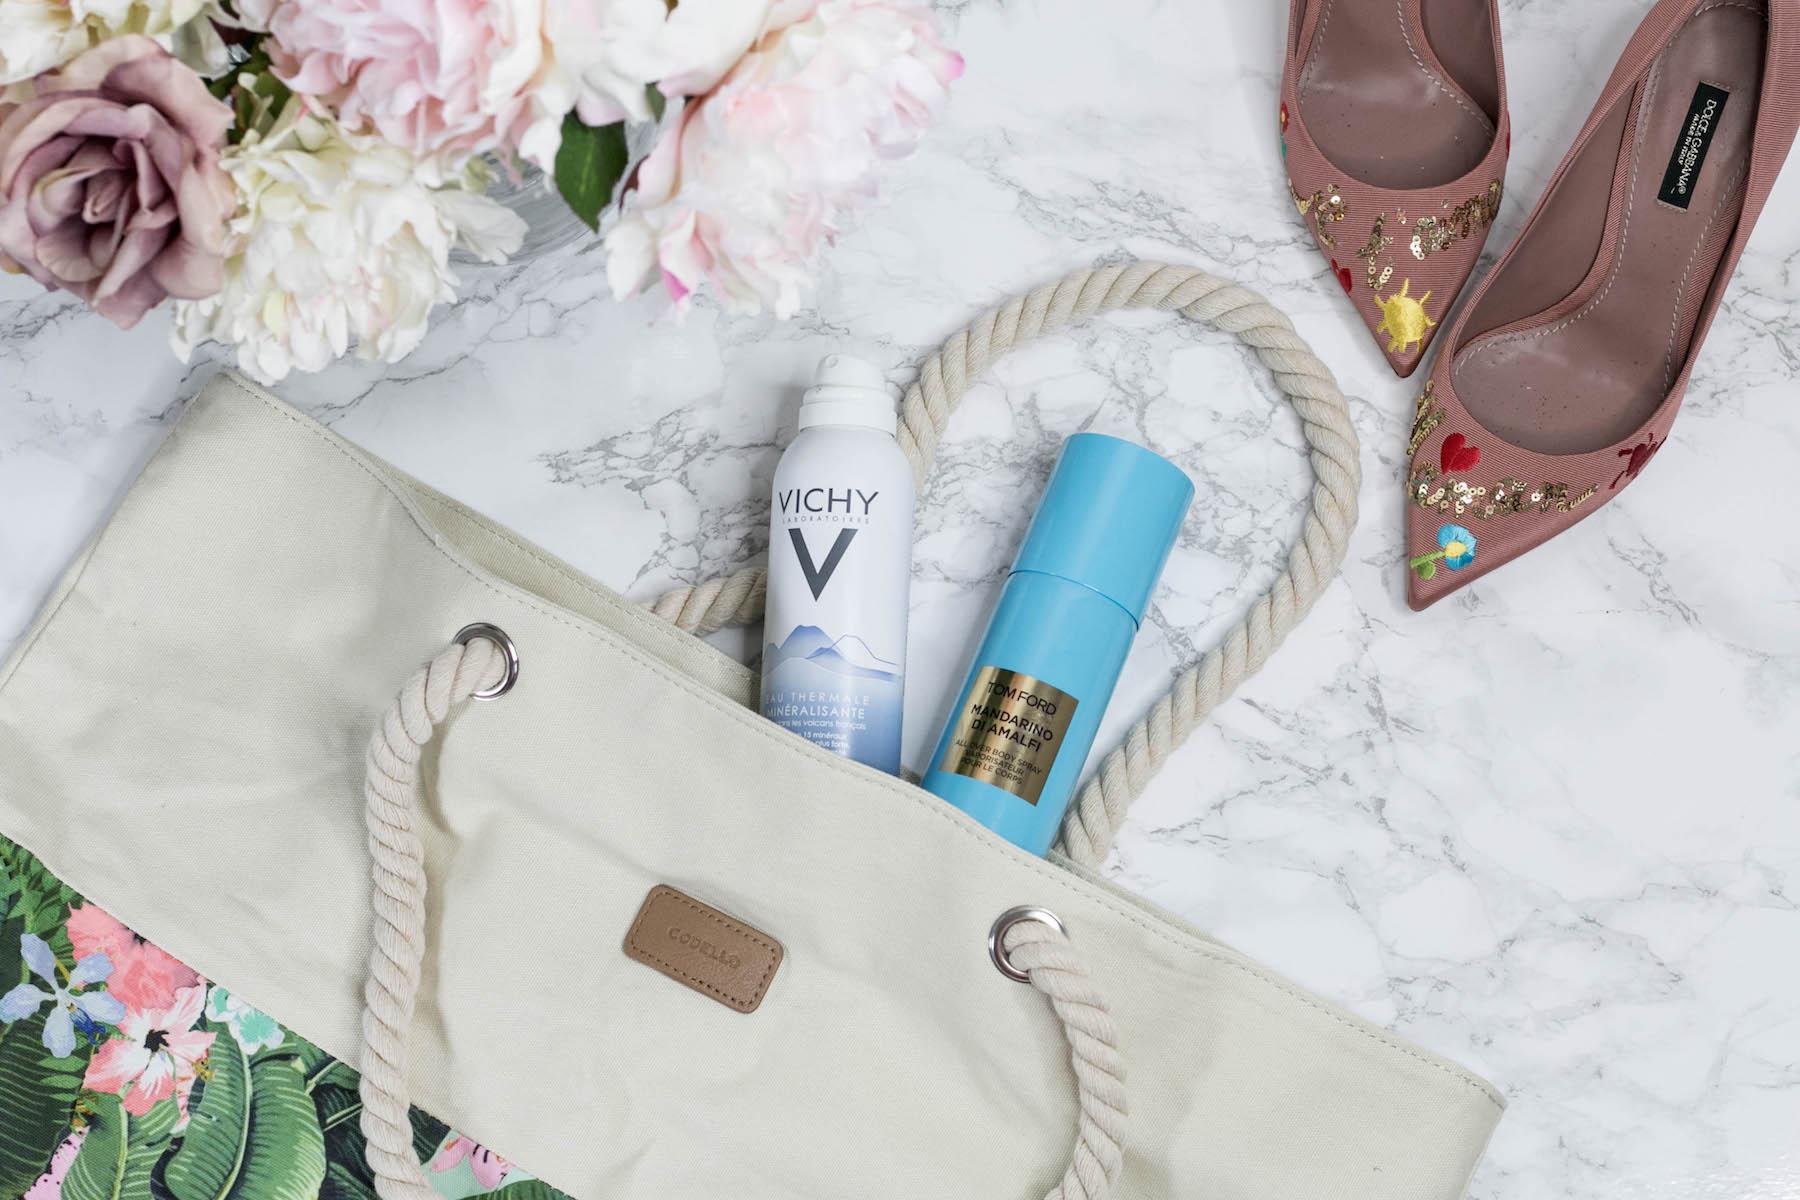 die besten beauty produkte für den sommer urlaub